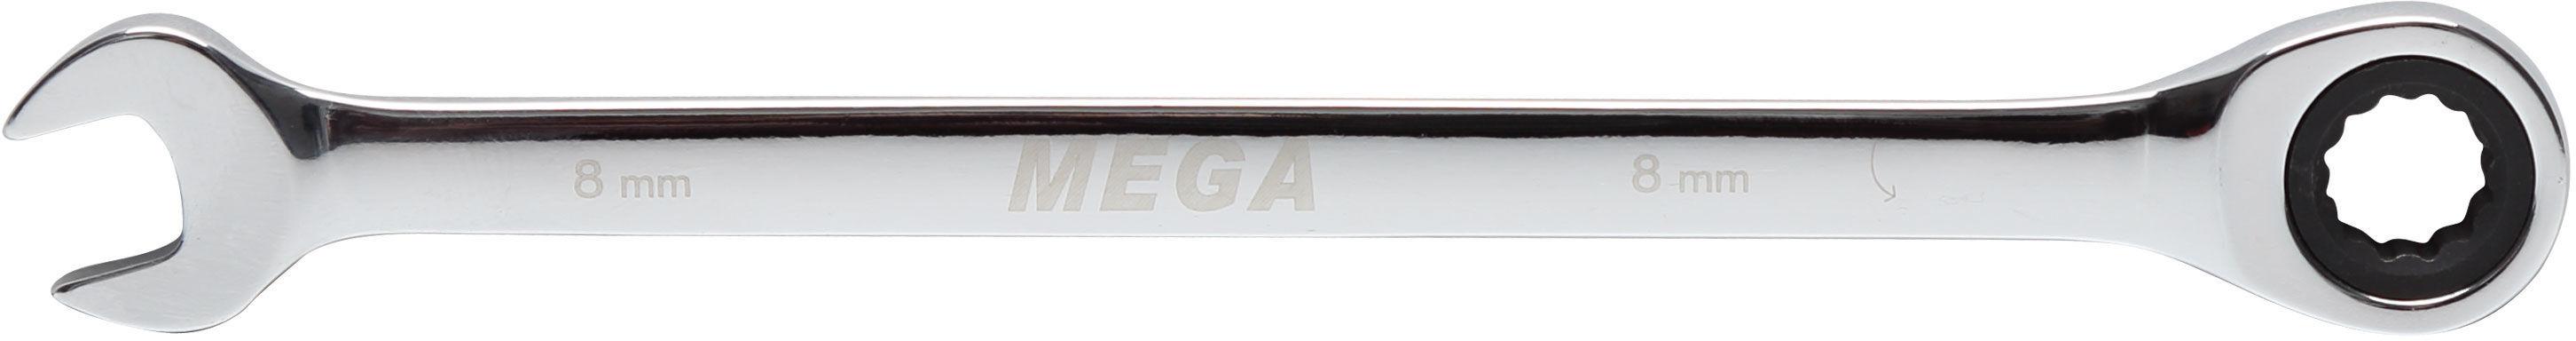 Klucz oczkowo-płaski z grzechotką, 18mm